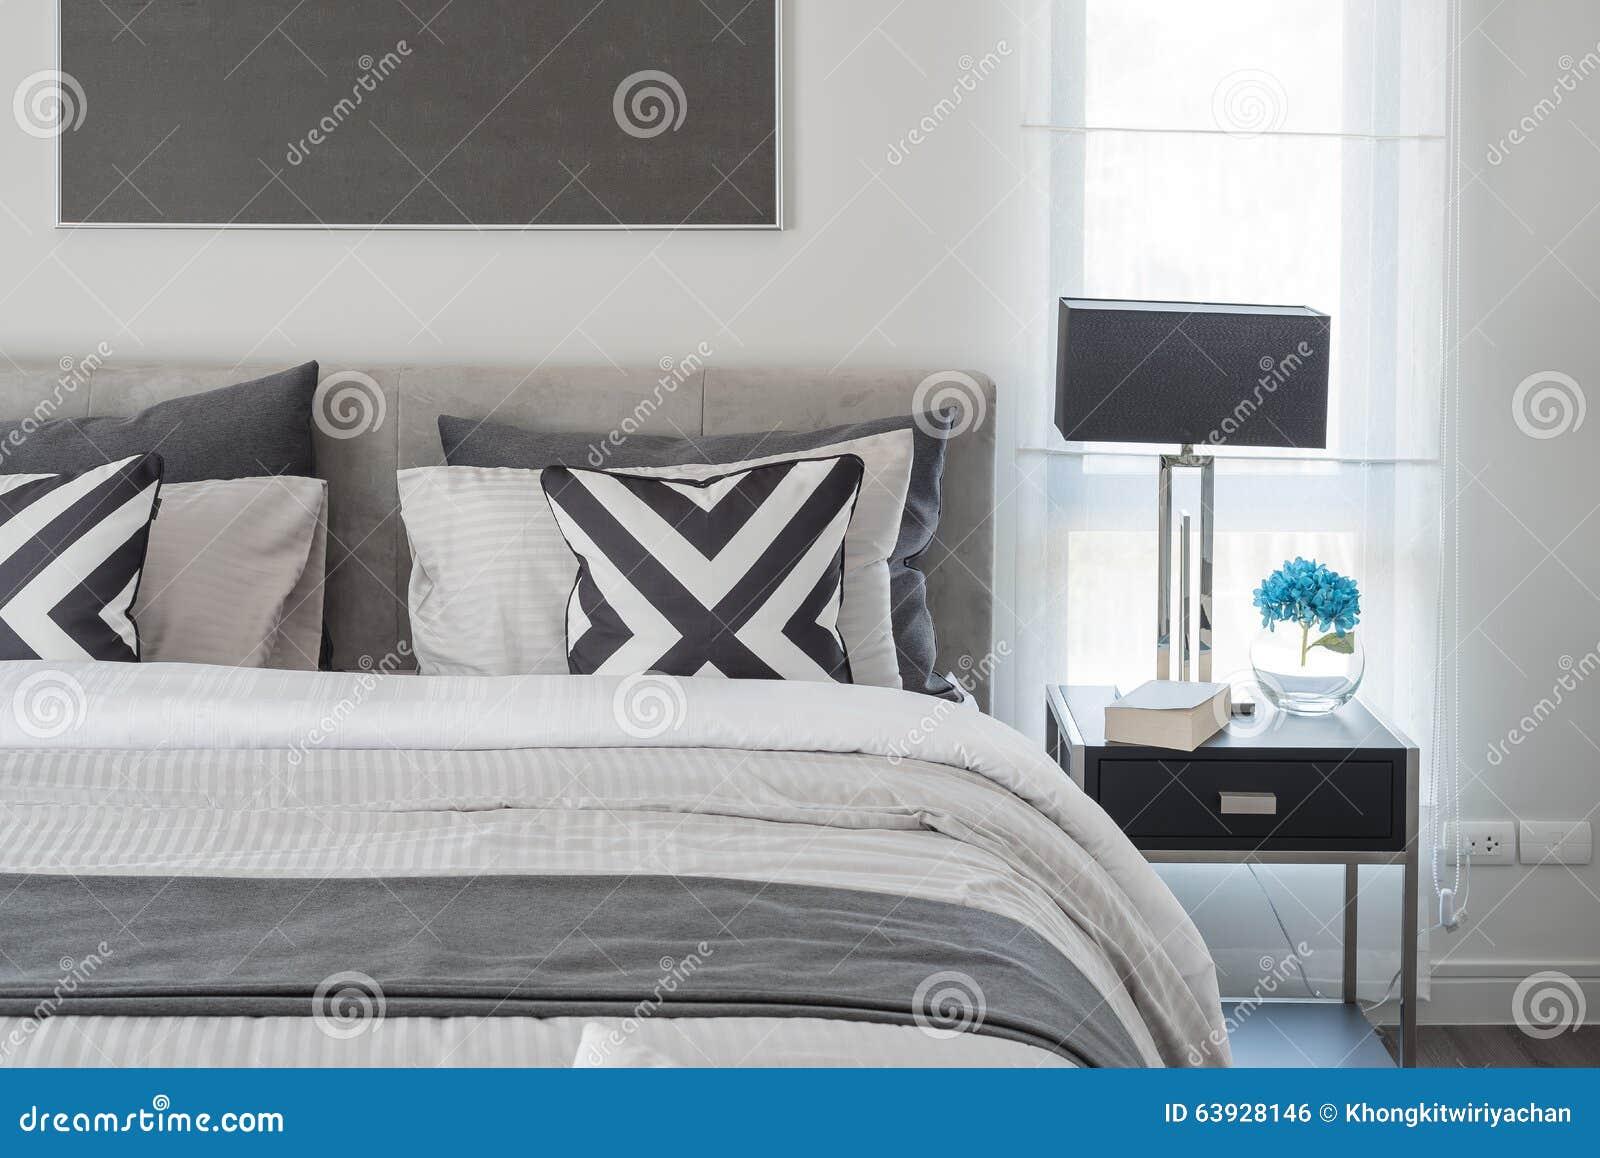 Moderne Lampen 63 : Moderne schlafzimmerschwarzweiss art mit schwarzer lampe stockfoto